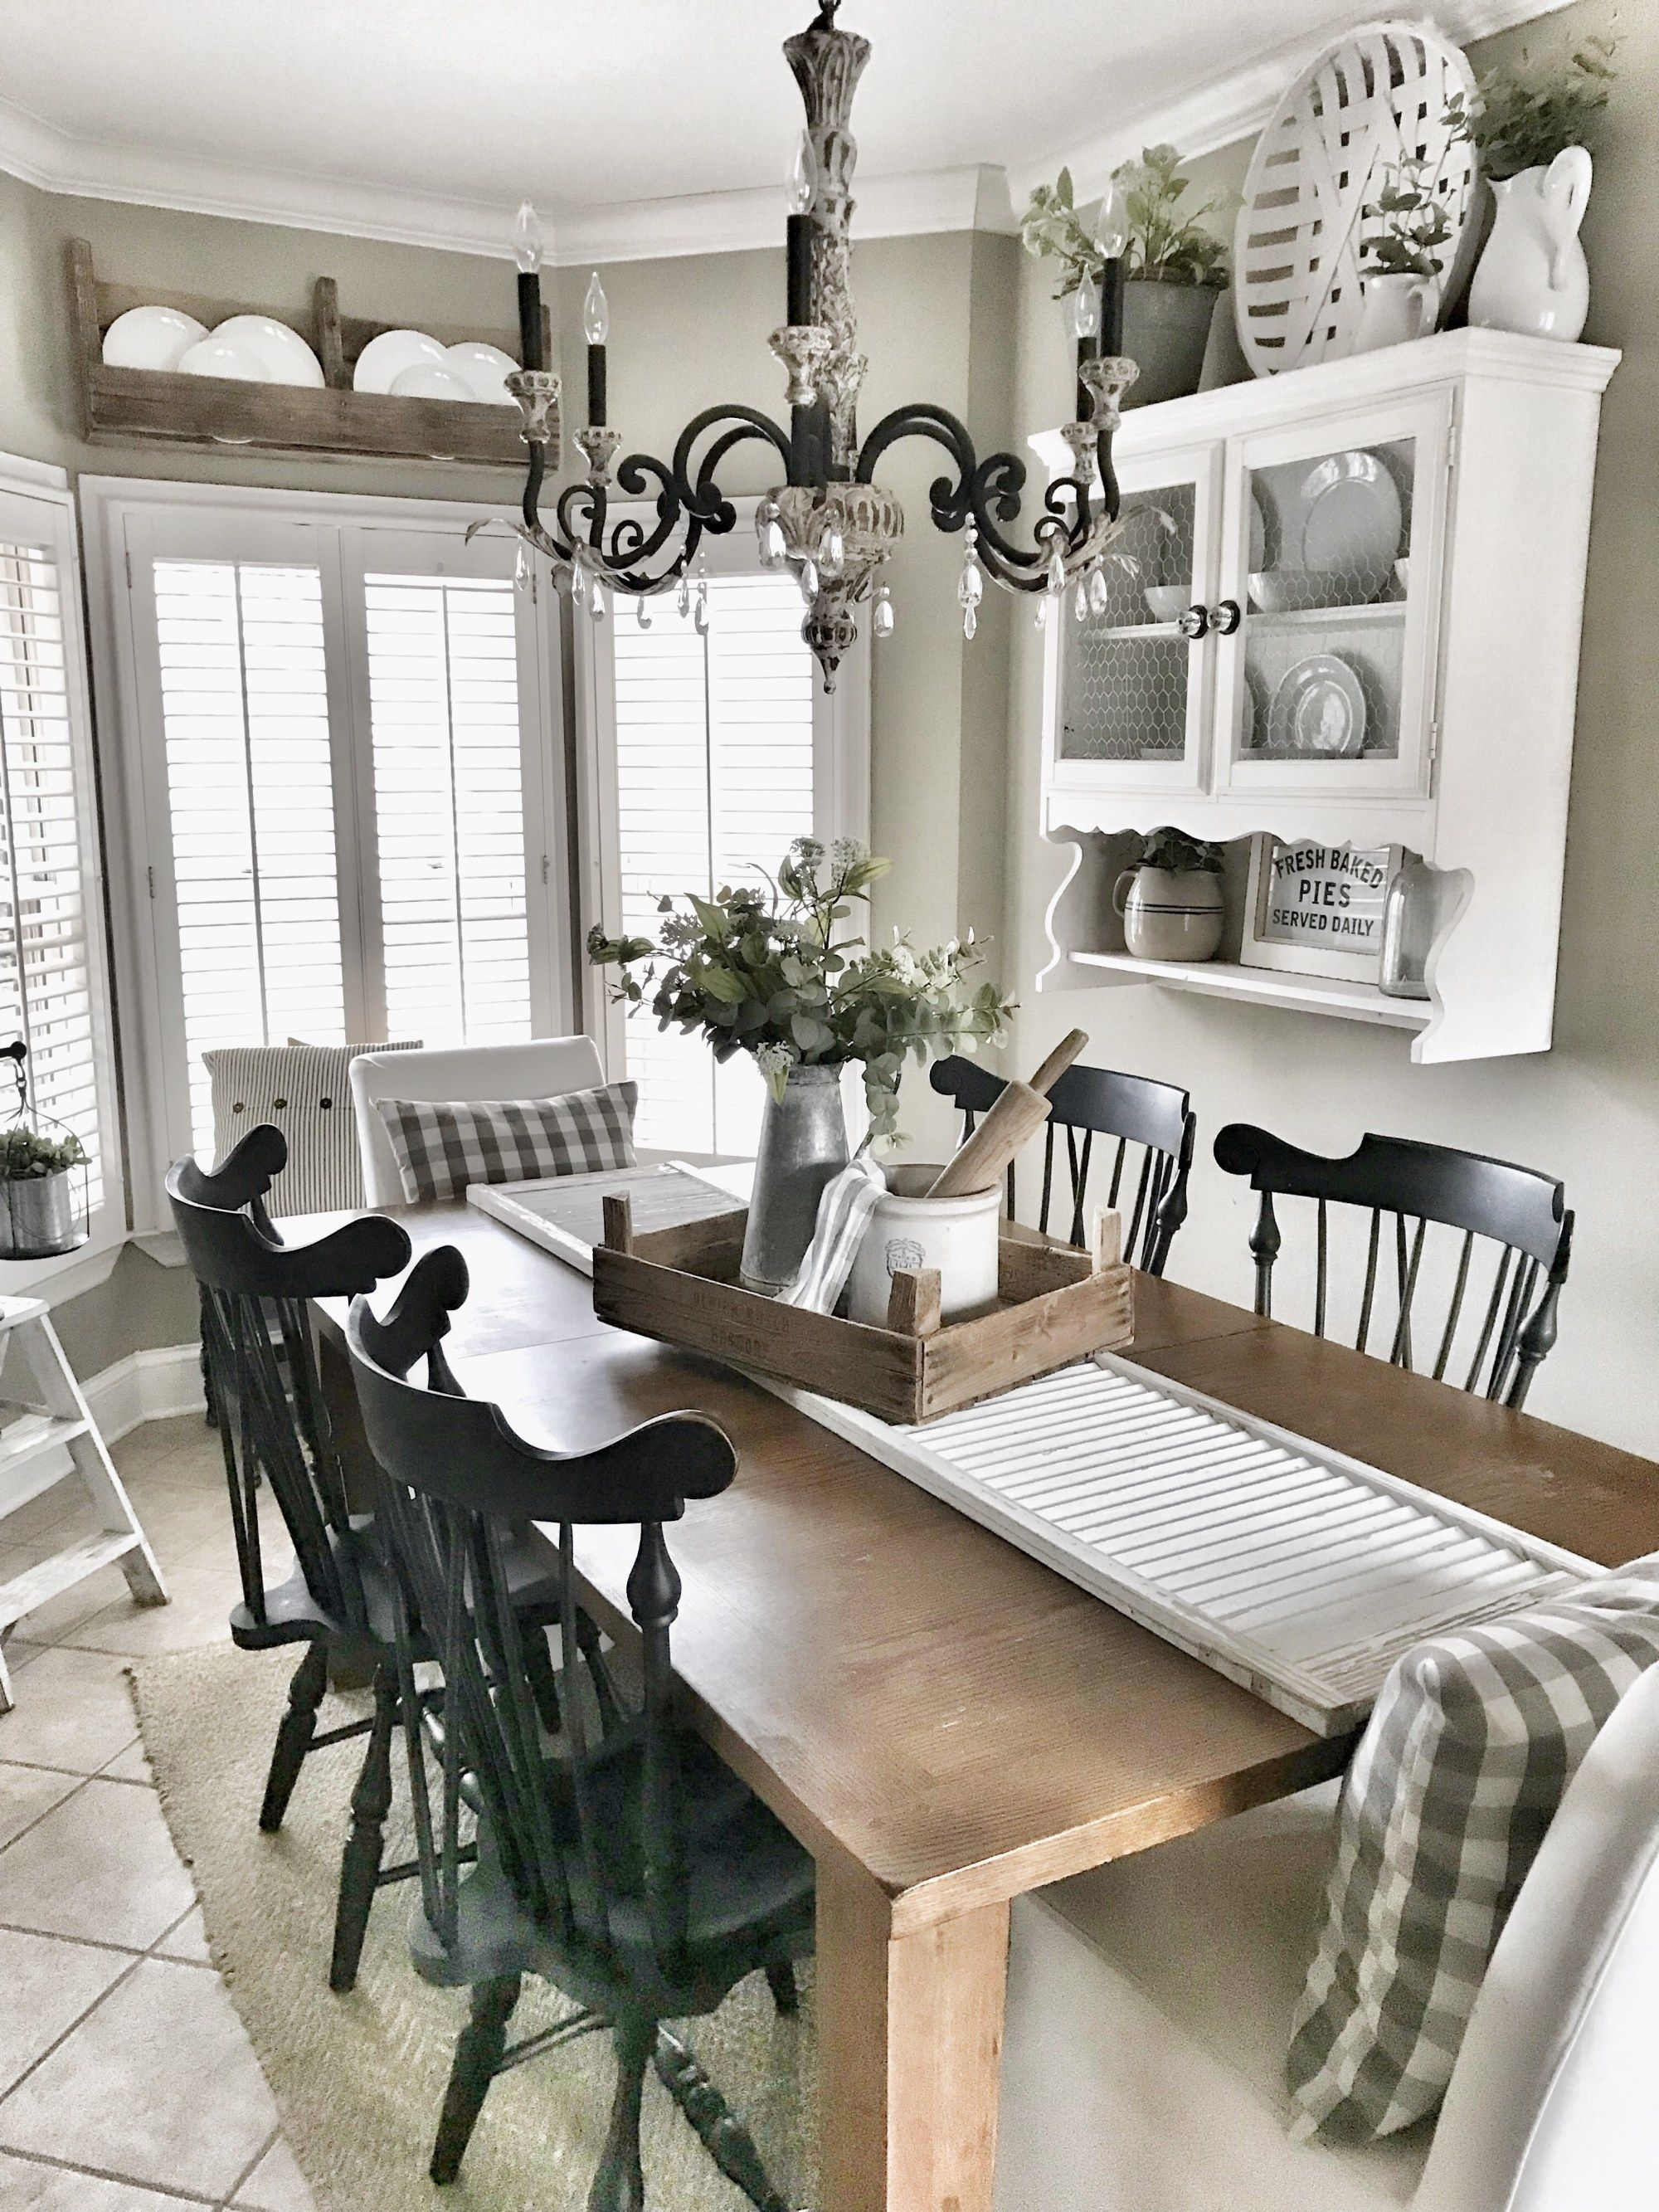 Chippy Shutter Table Runner | New home | Dining room table ...